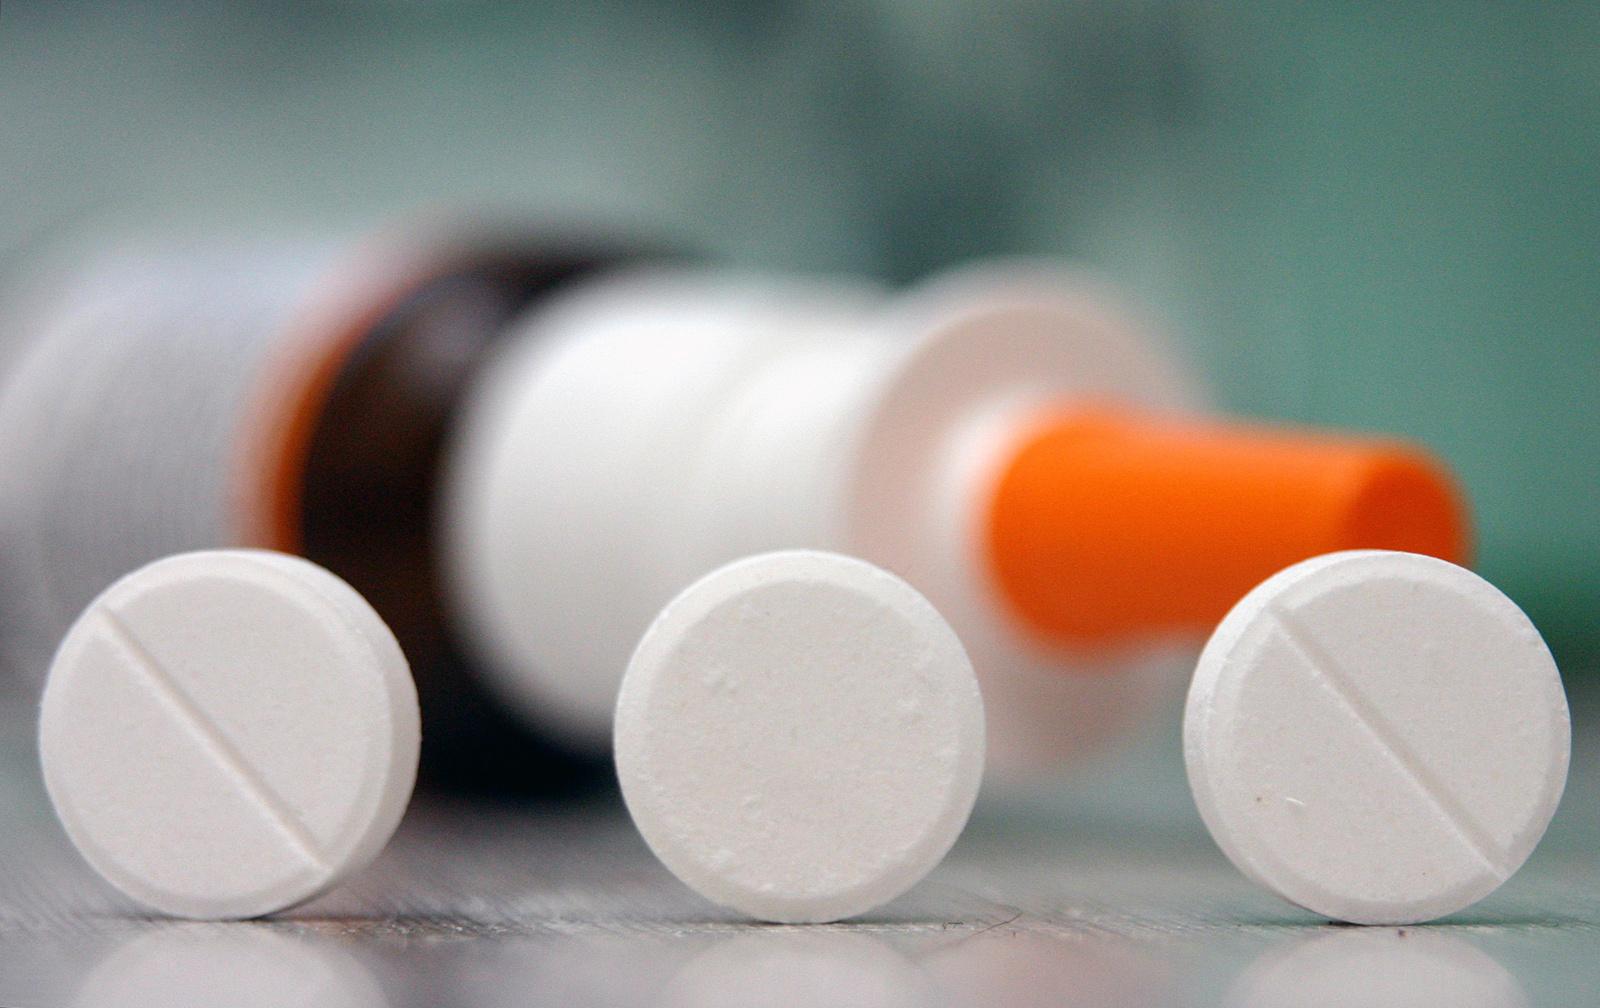 Gyventojai vaistams pernai išleido 17 mln. eurų mažiau